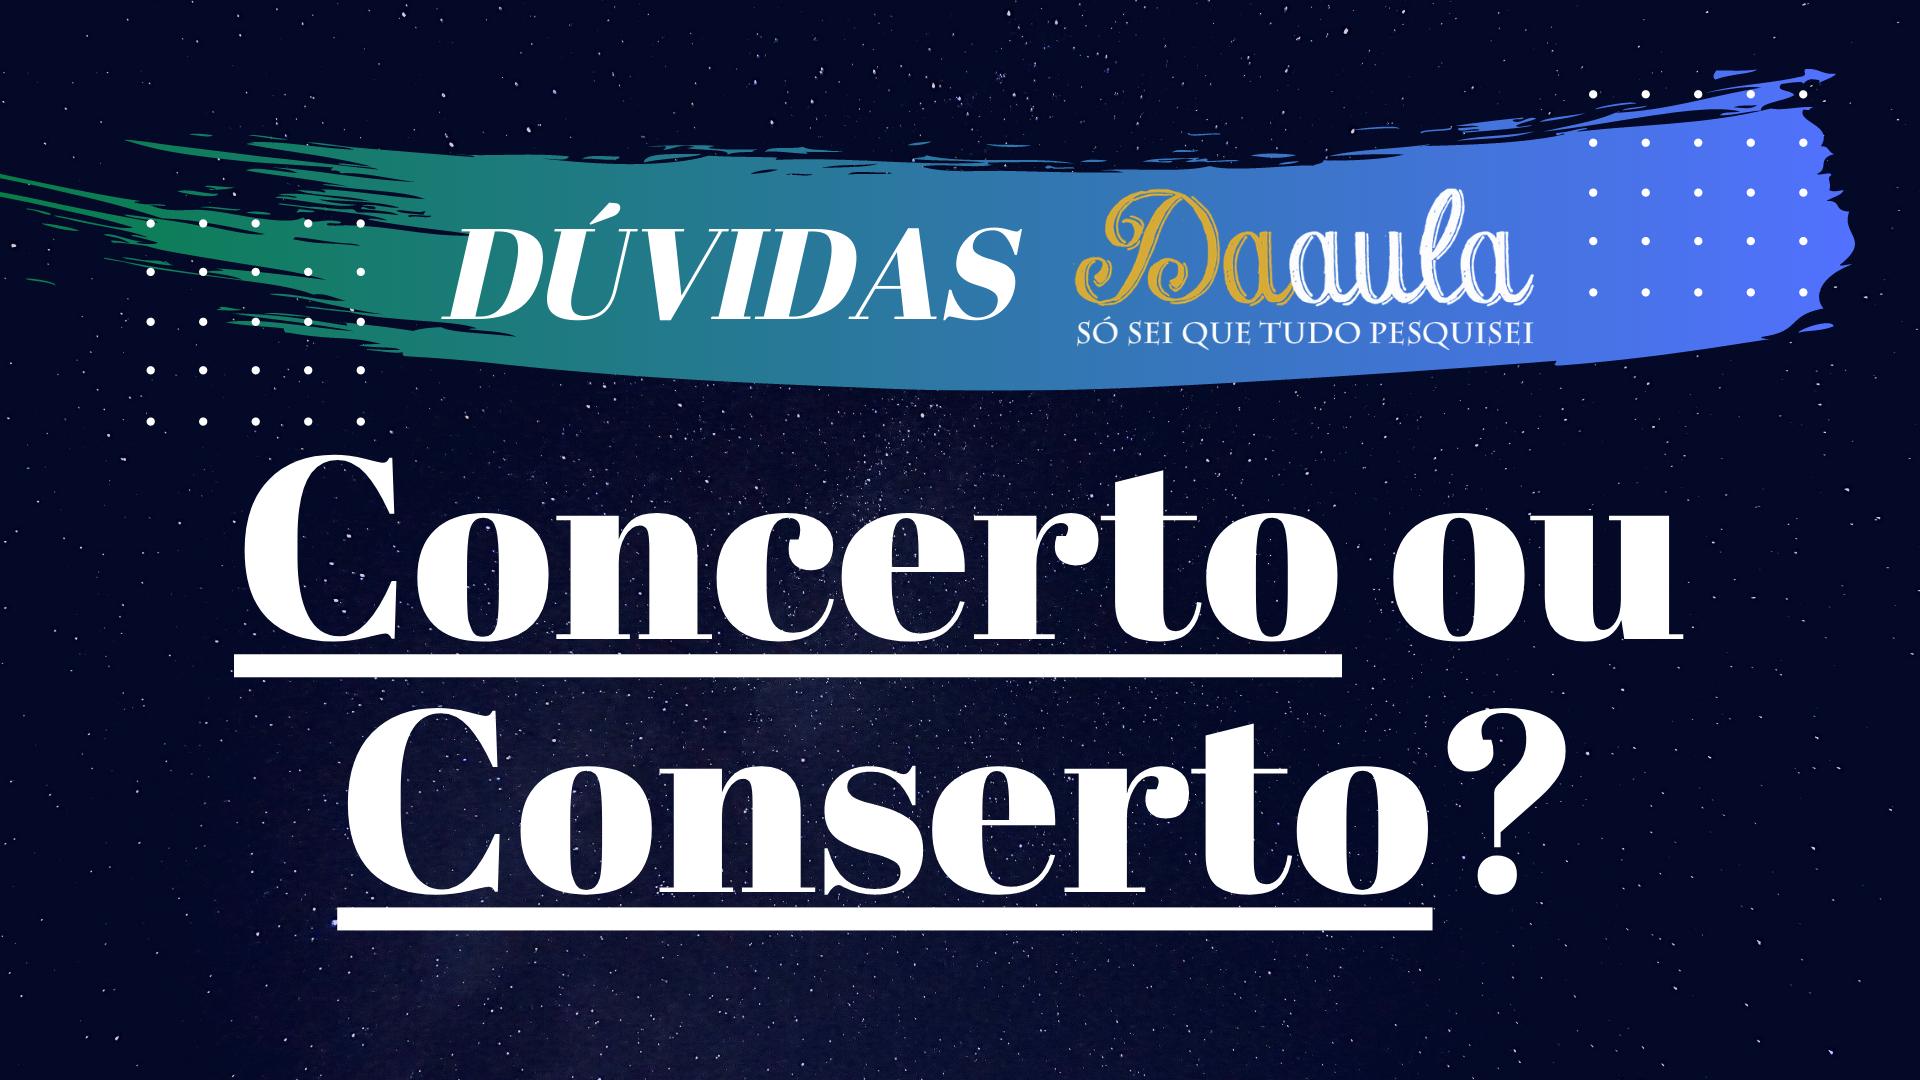 Qual a forma correta, Conserto ou Concerto?